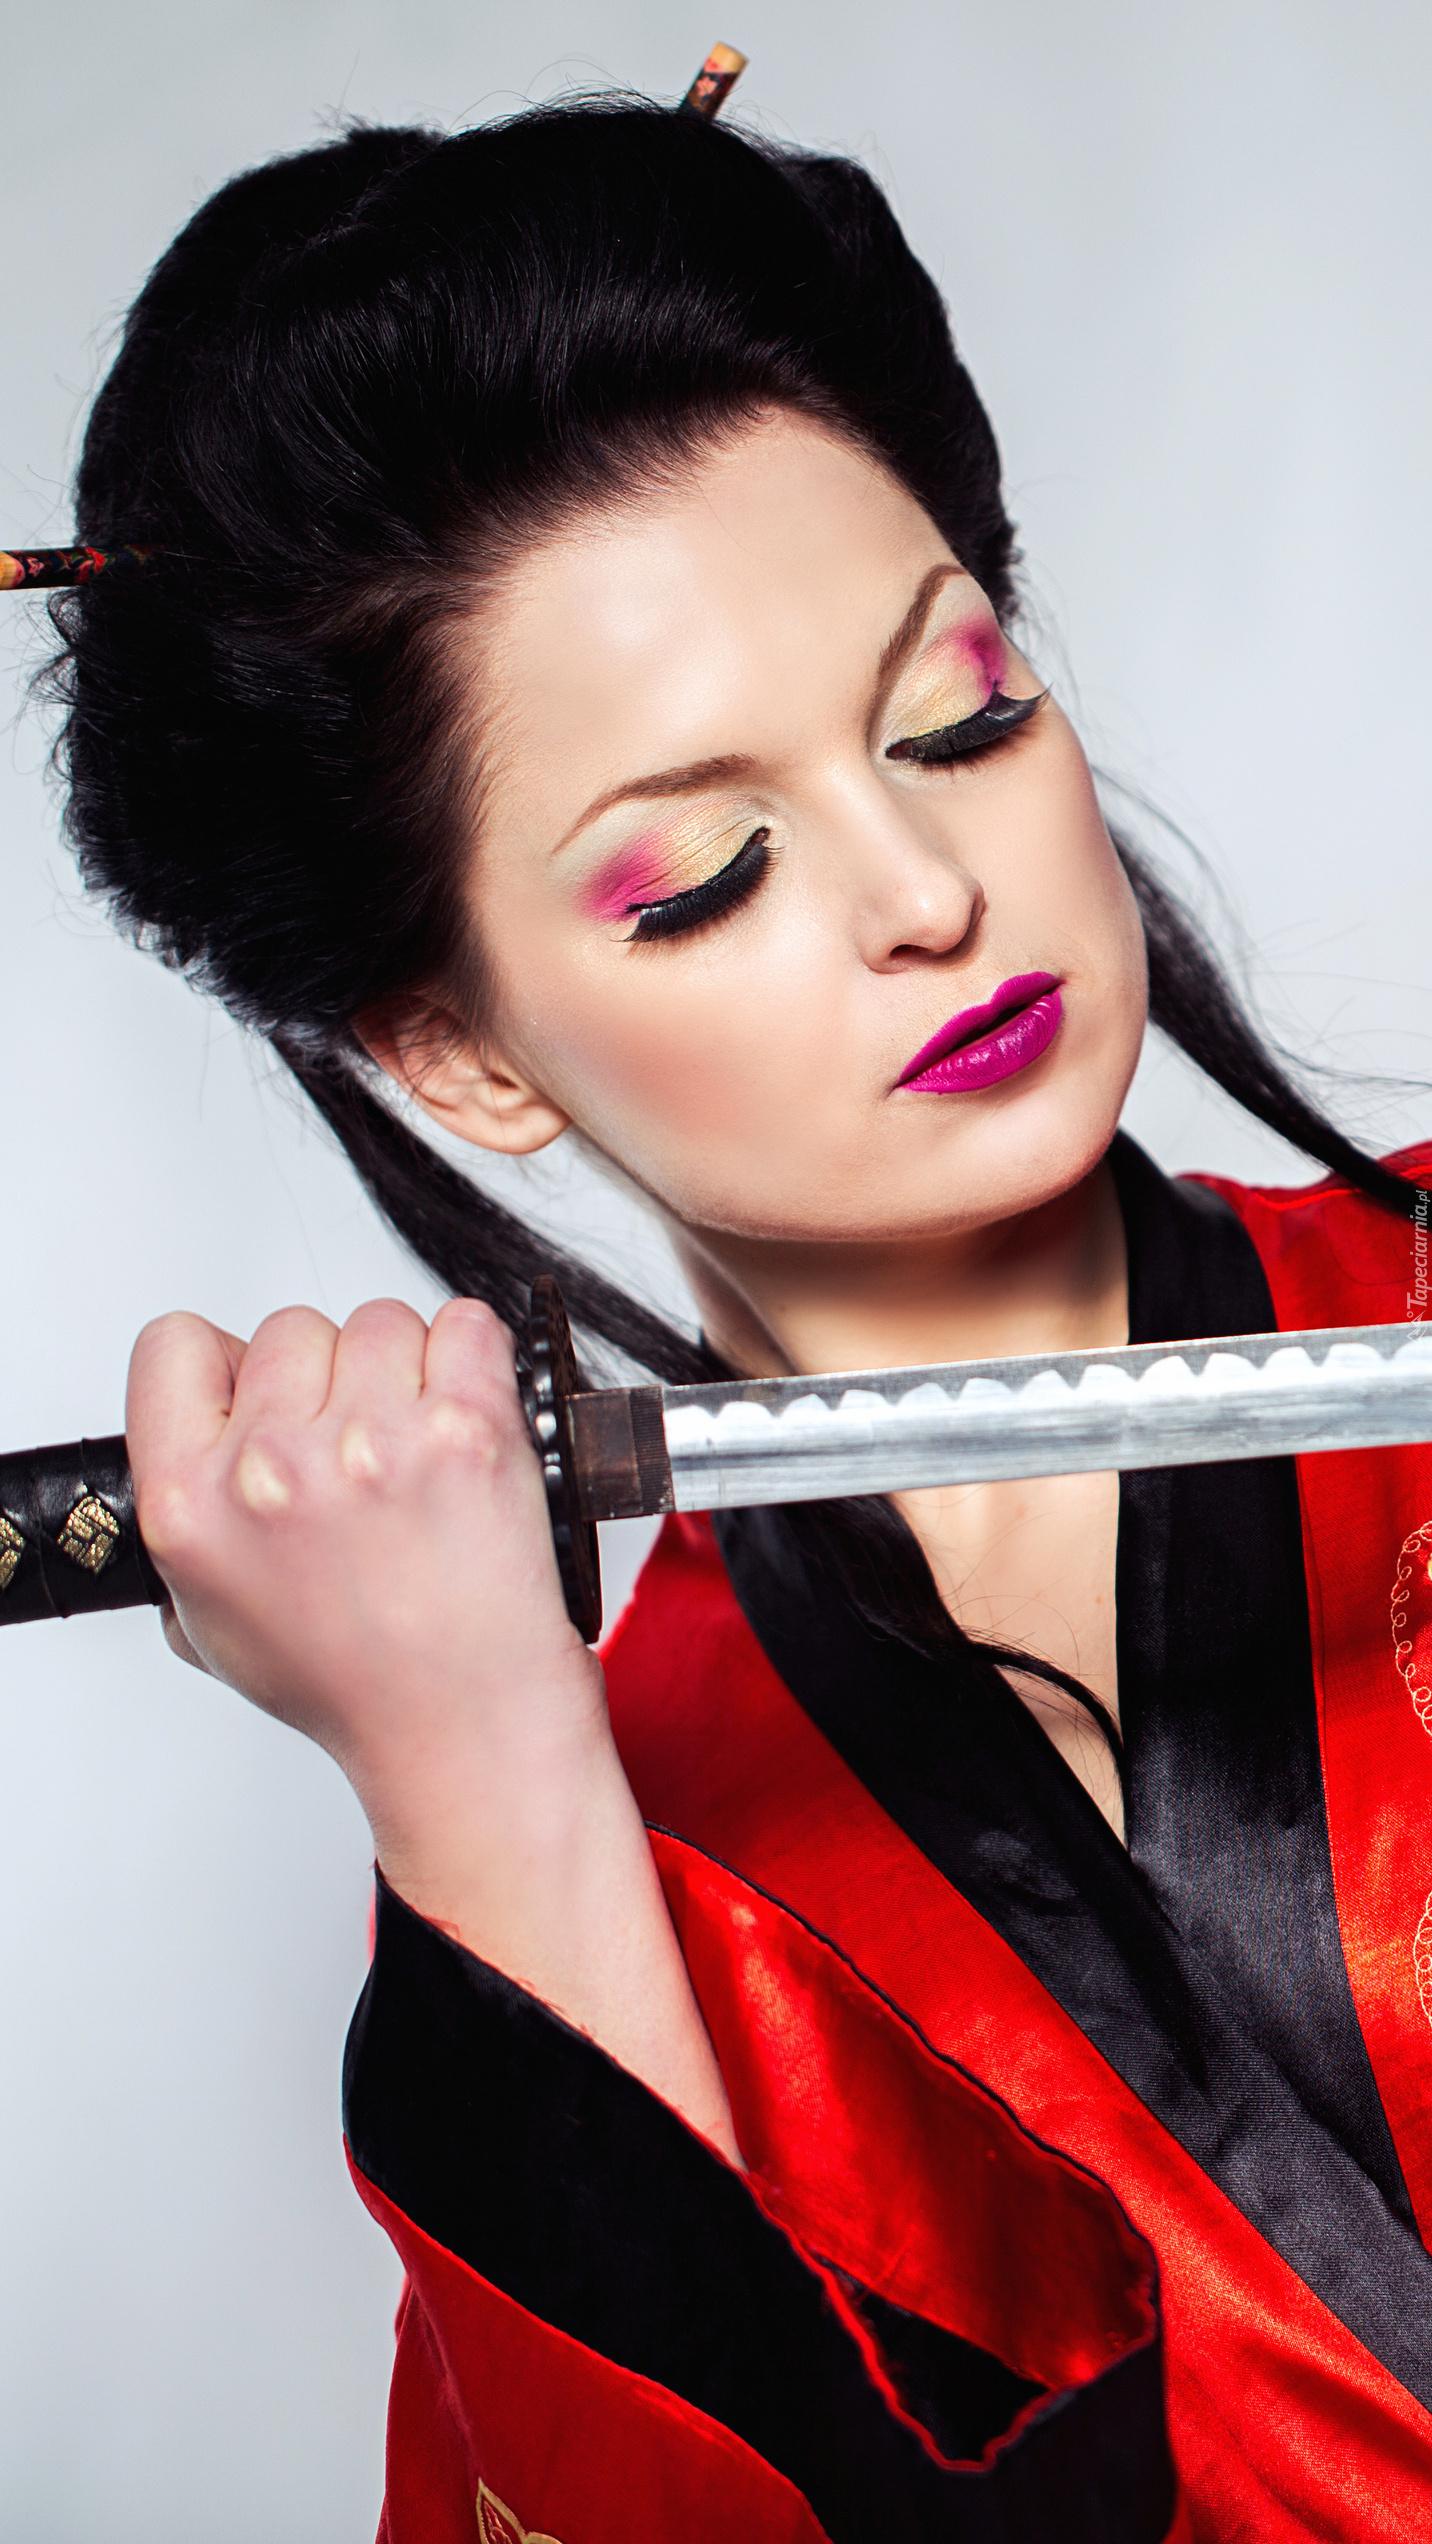 Kobieta z mieczem samurajskim